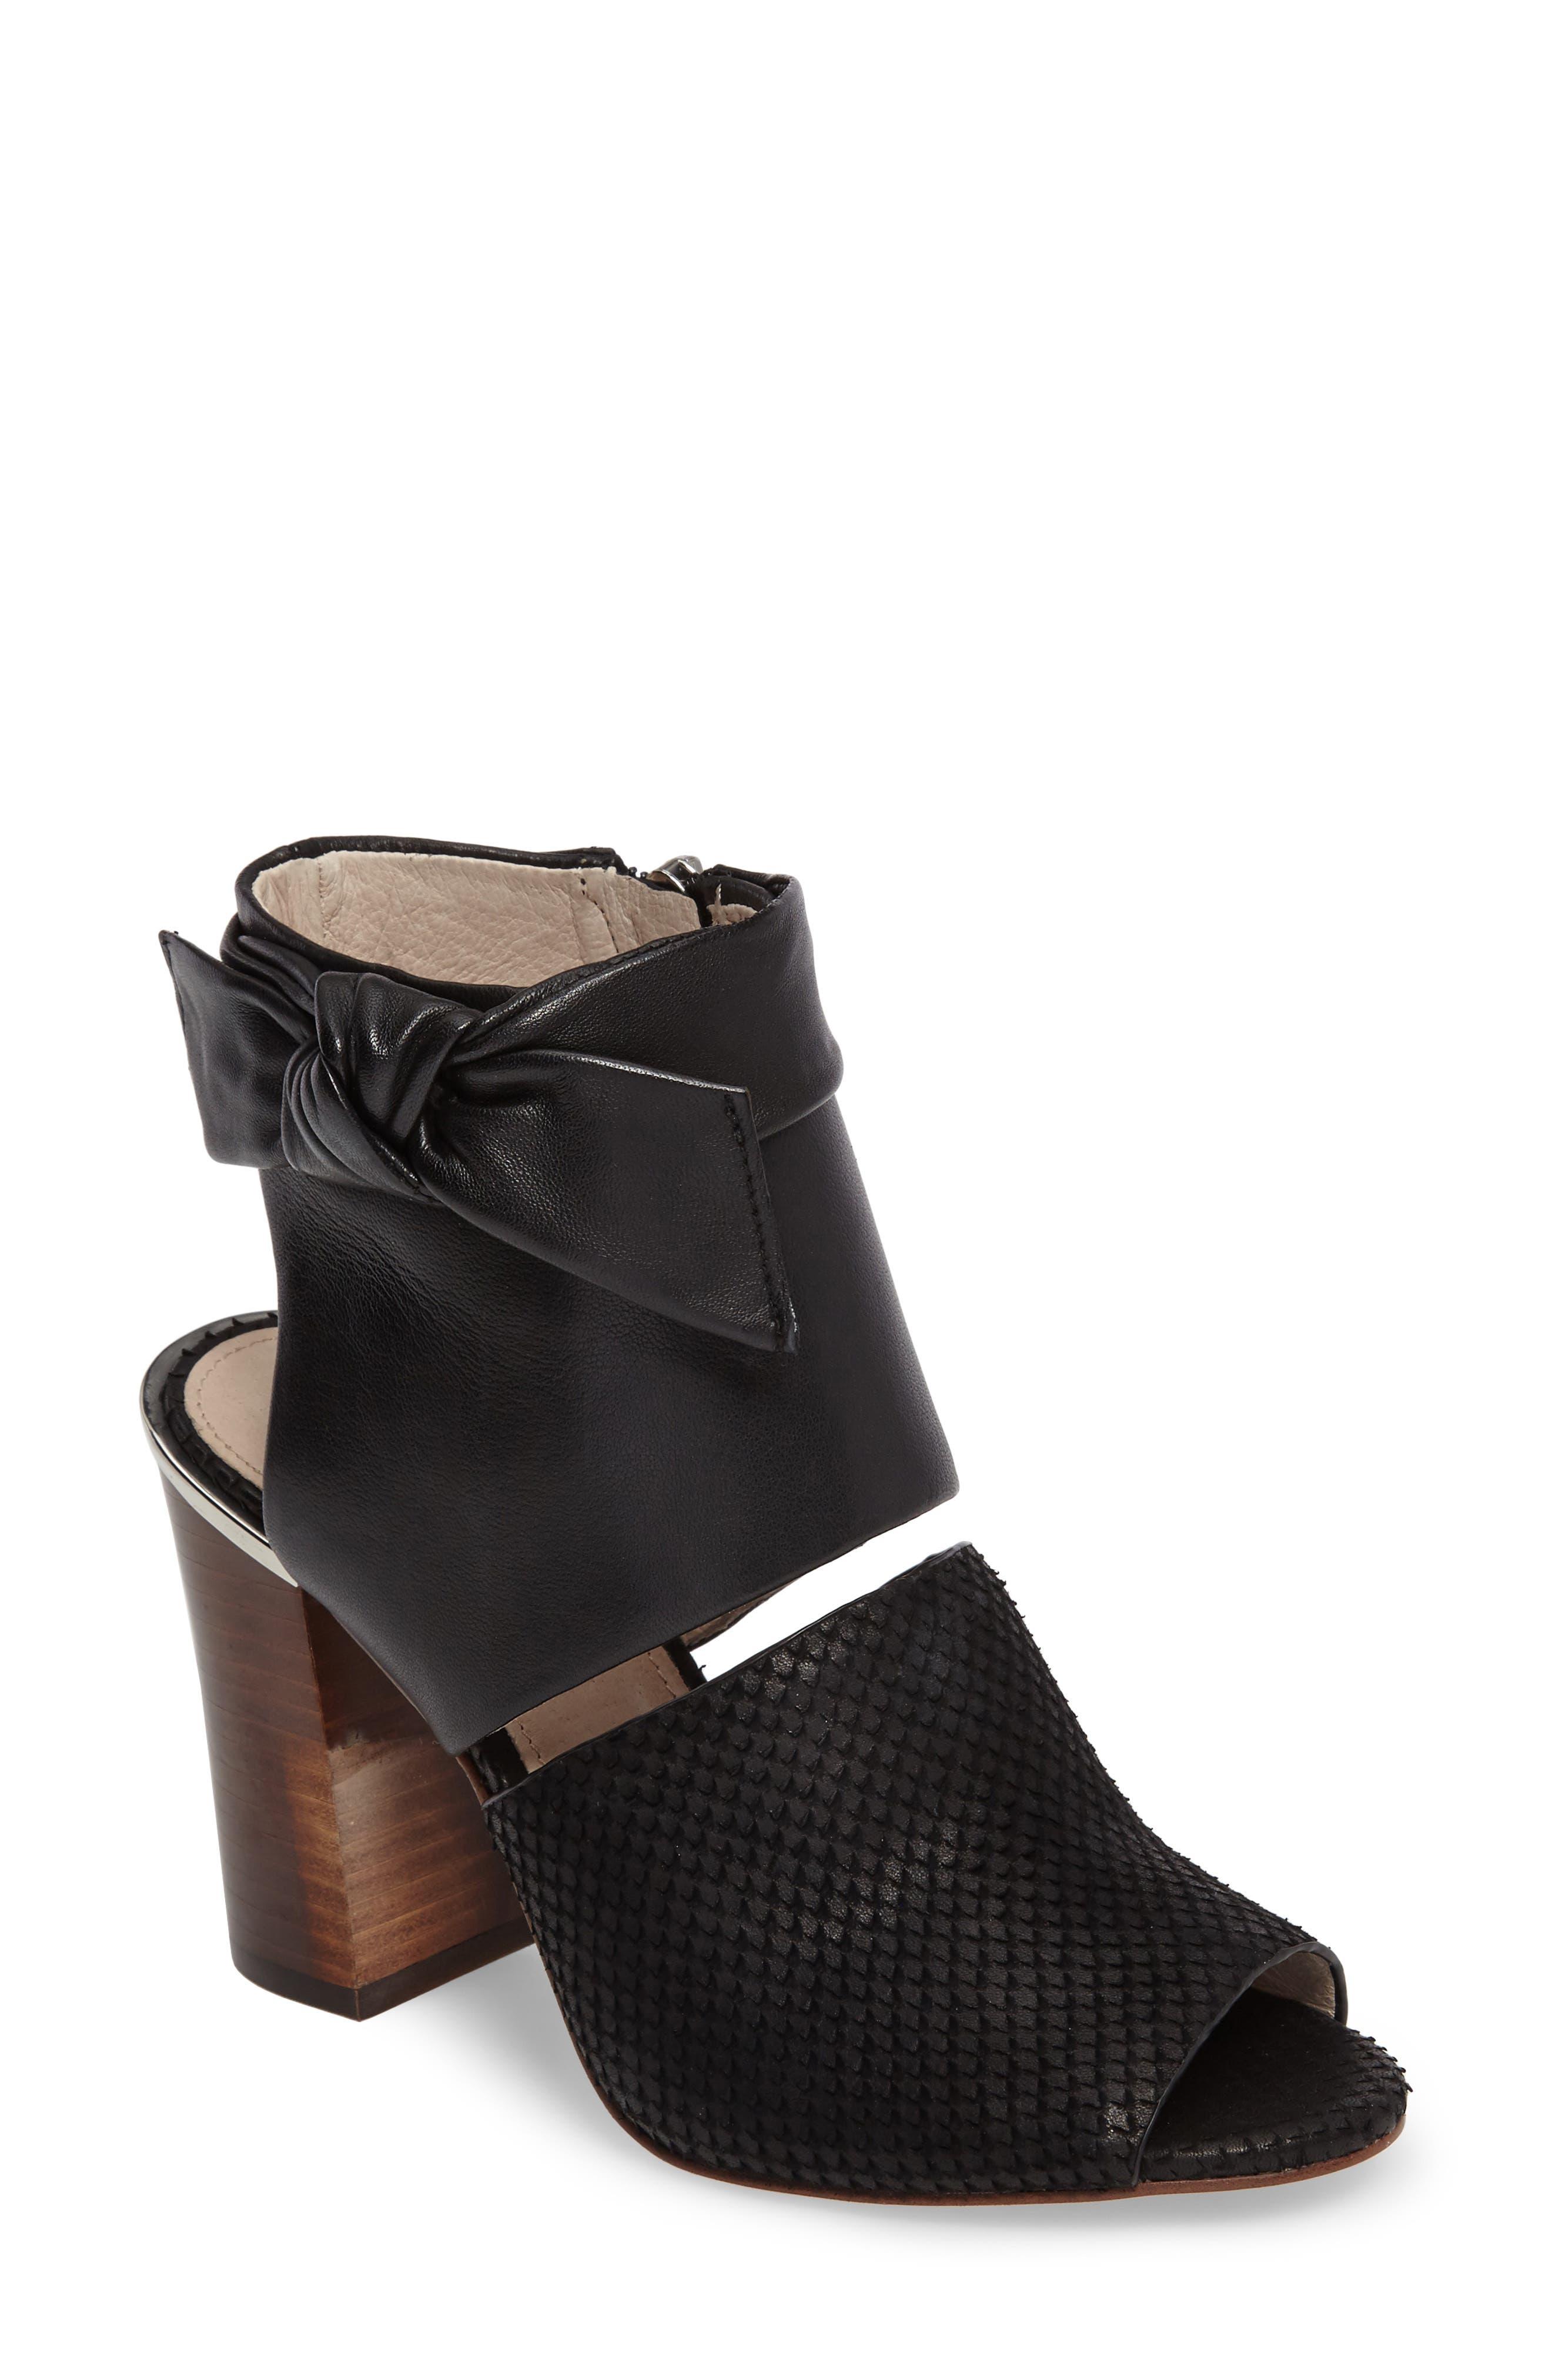 Louise et Cit Katlin Block Heel Sandal,                             Main thumbnail 1, color,                             001